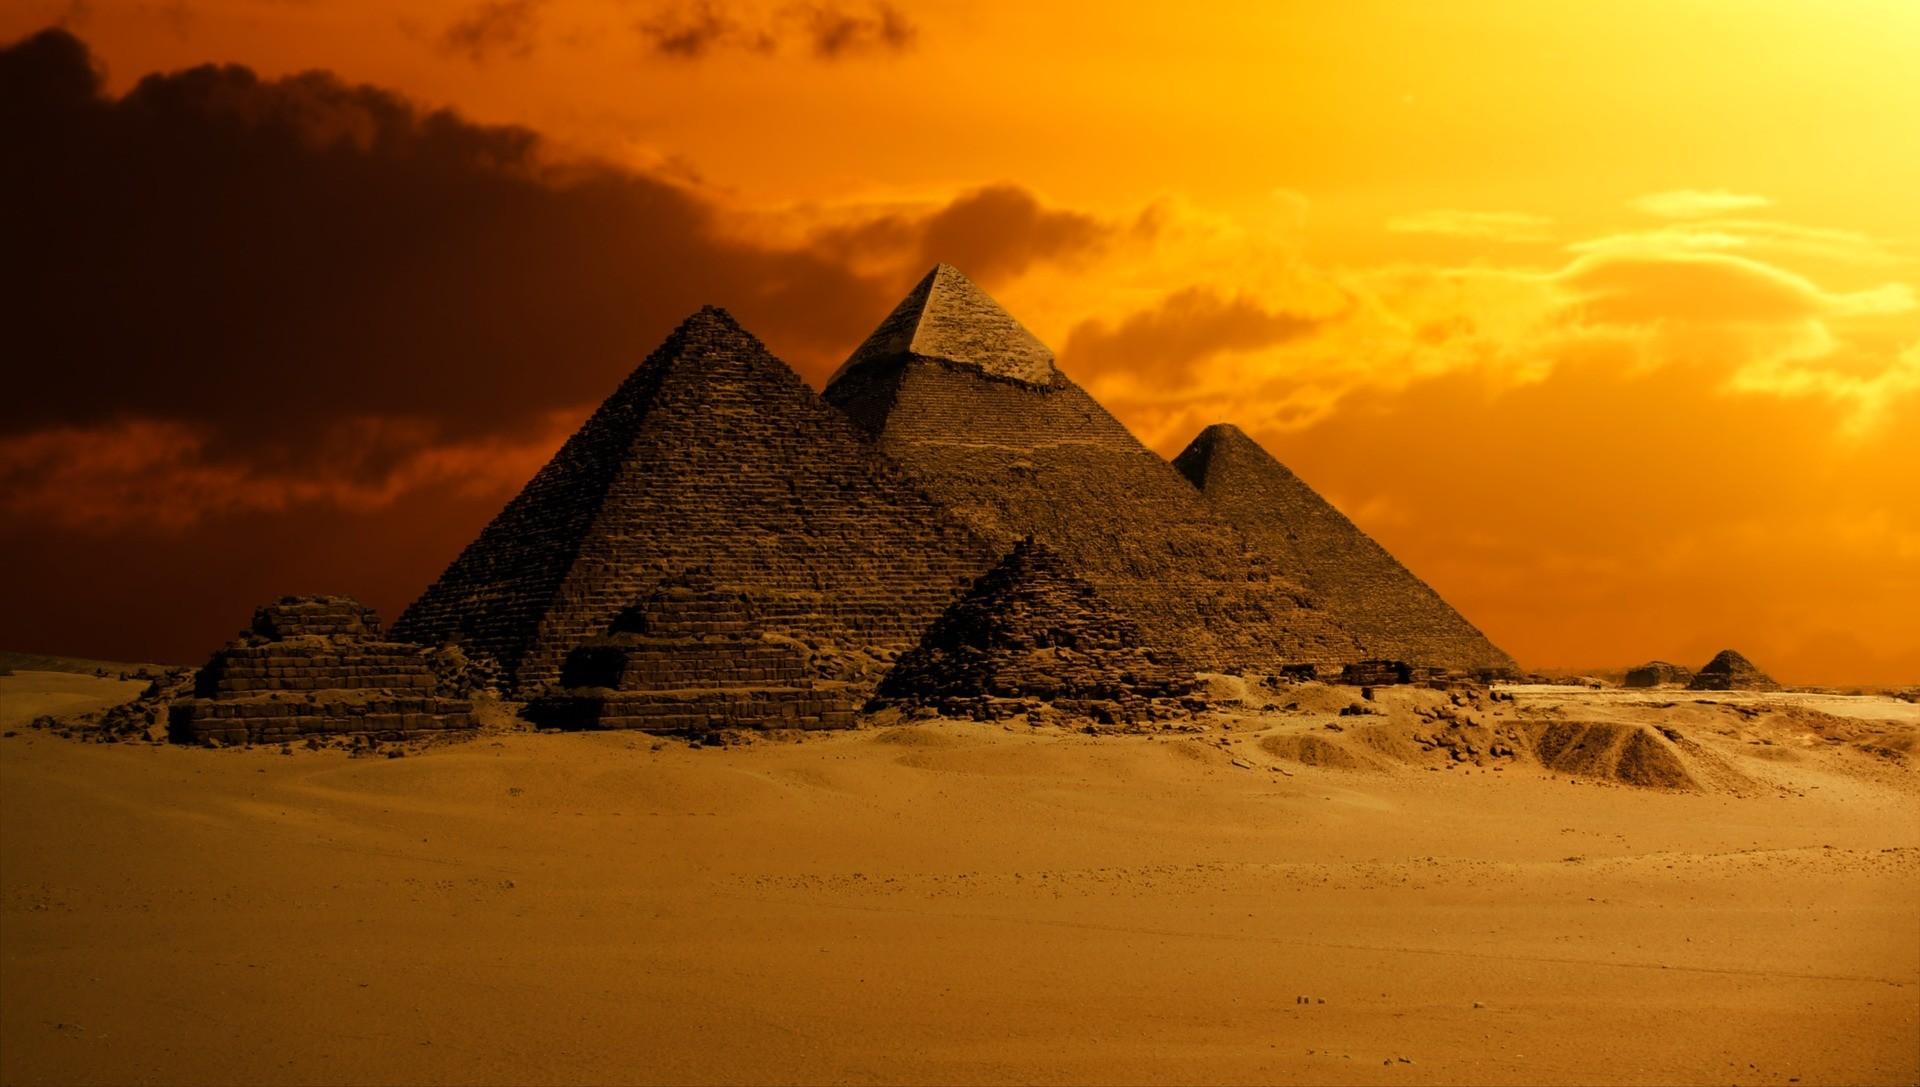 利用宇宙射線找到金字塔內的神秘空間,《刺客教條:起源》真是神預測啊